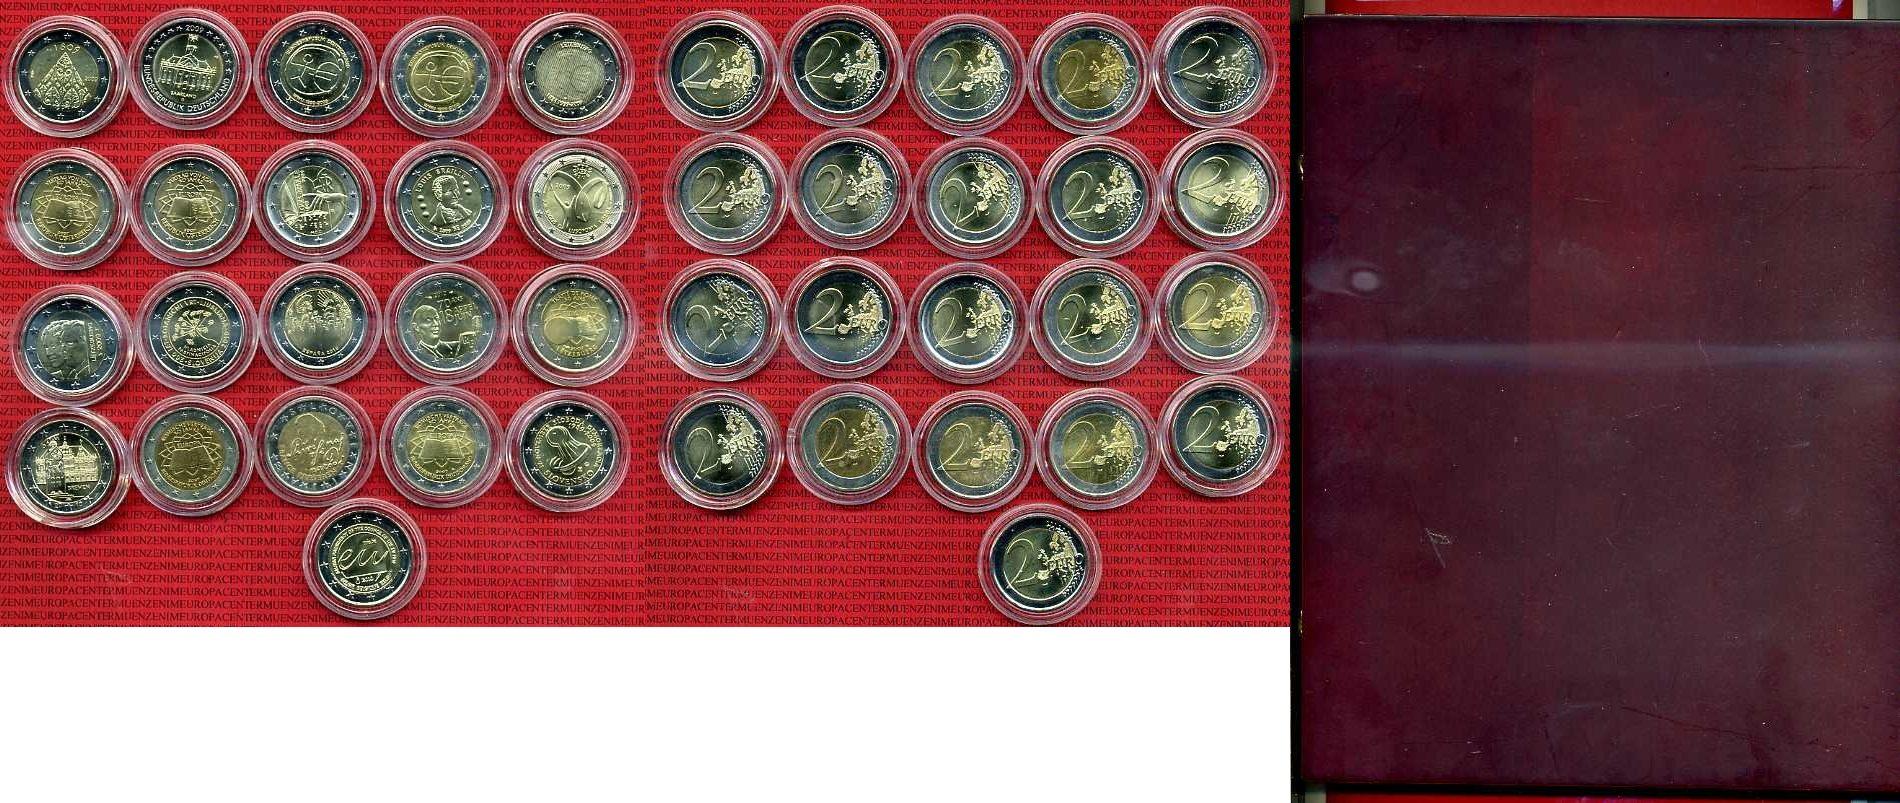 21 X 2 Euro Bimetall Verschiedener Europa 2 Euro Münzen 21 X 2 Euro